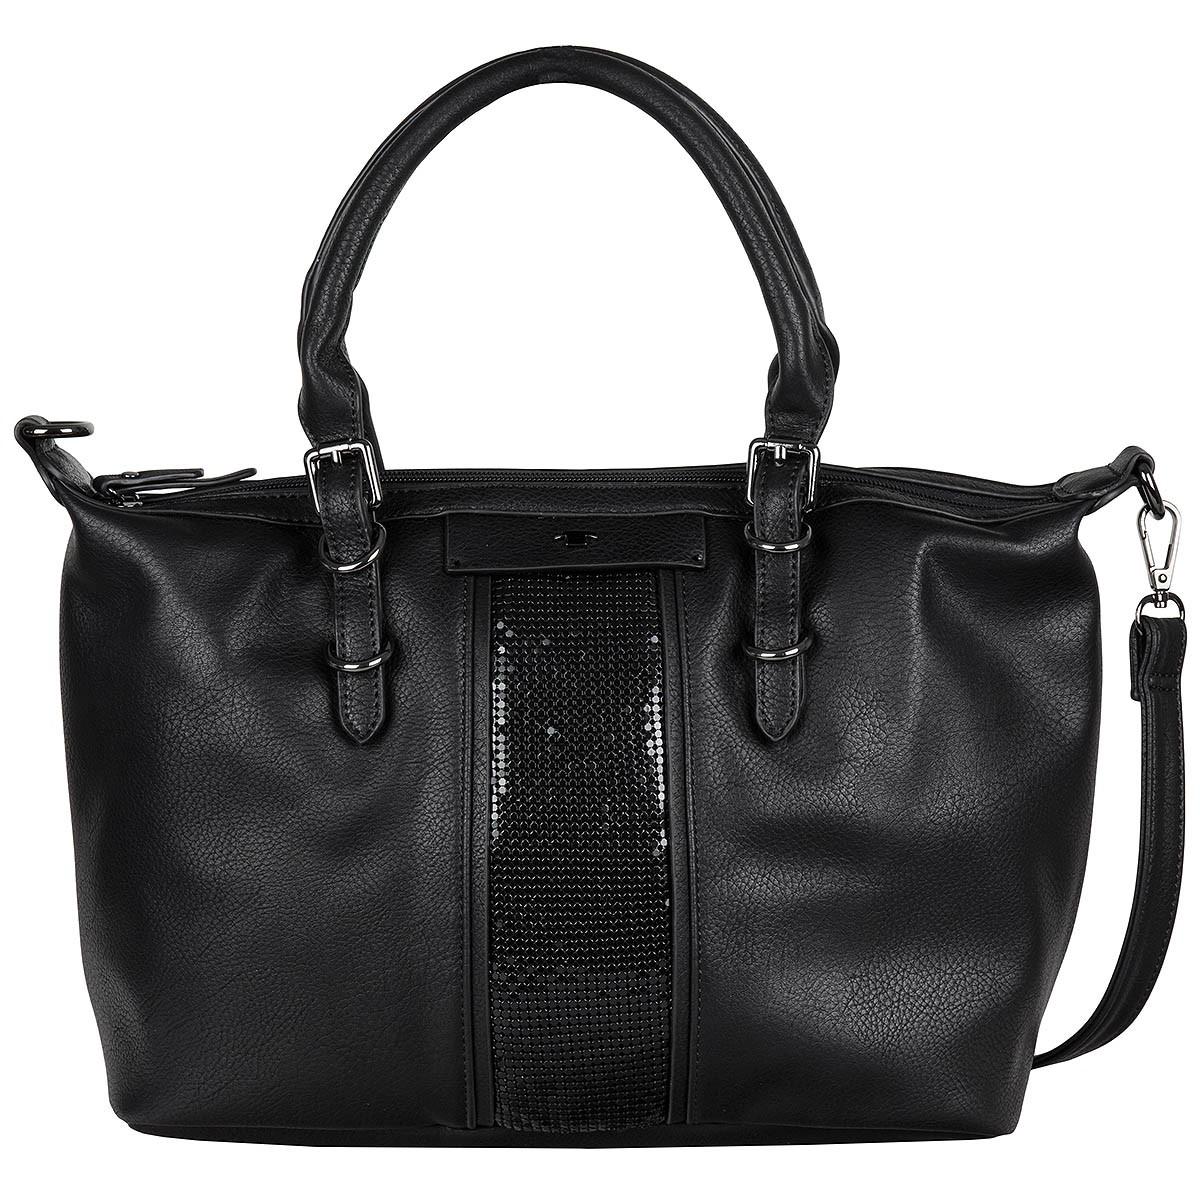 1befffaa43c34 Tom Tailor Jemy Shopper Handtasche Tasche Schultertasche 20118 ...